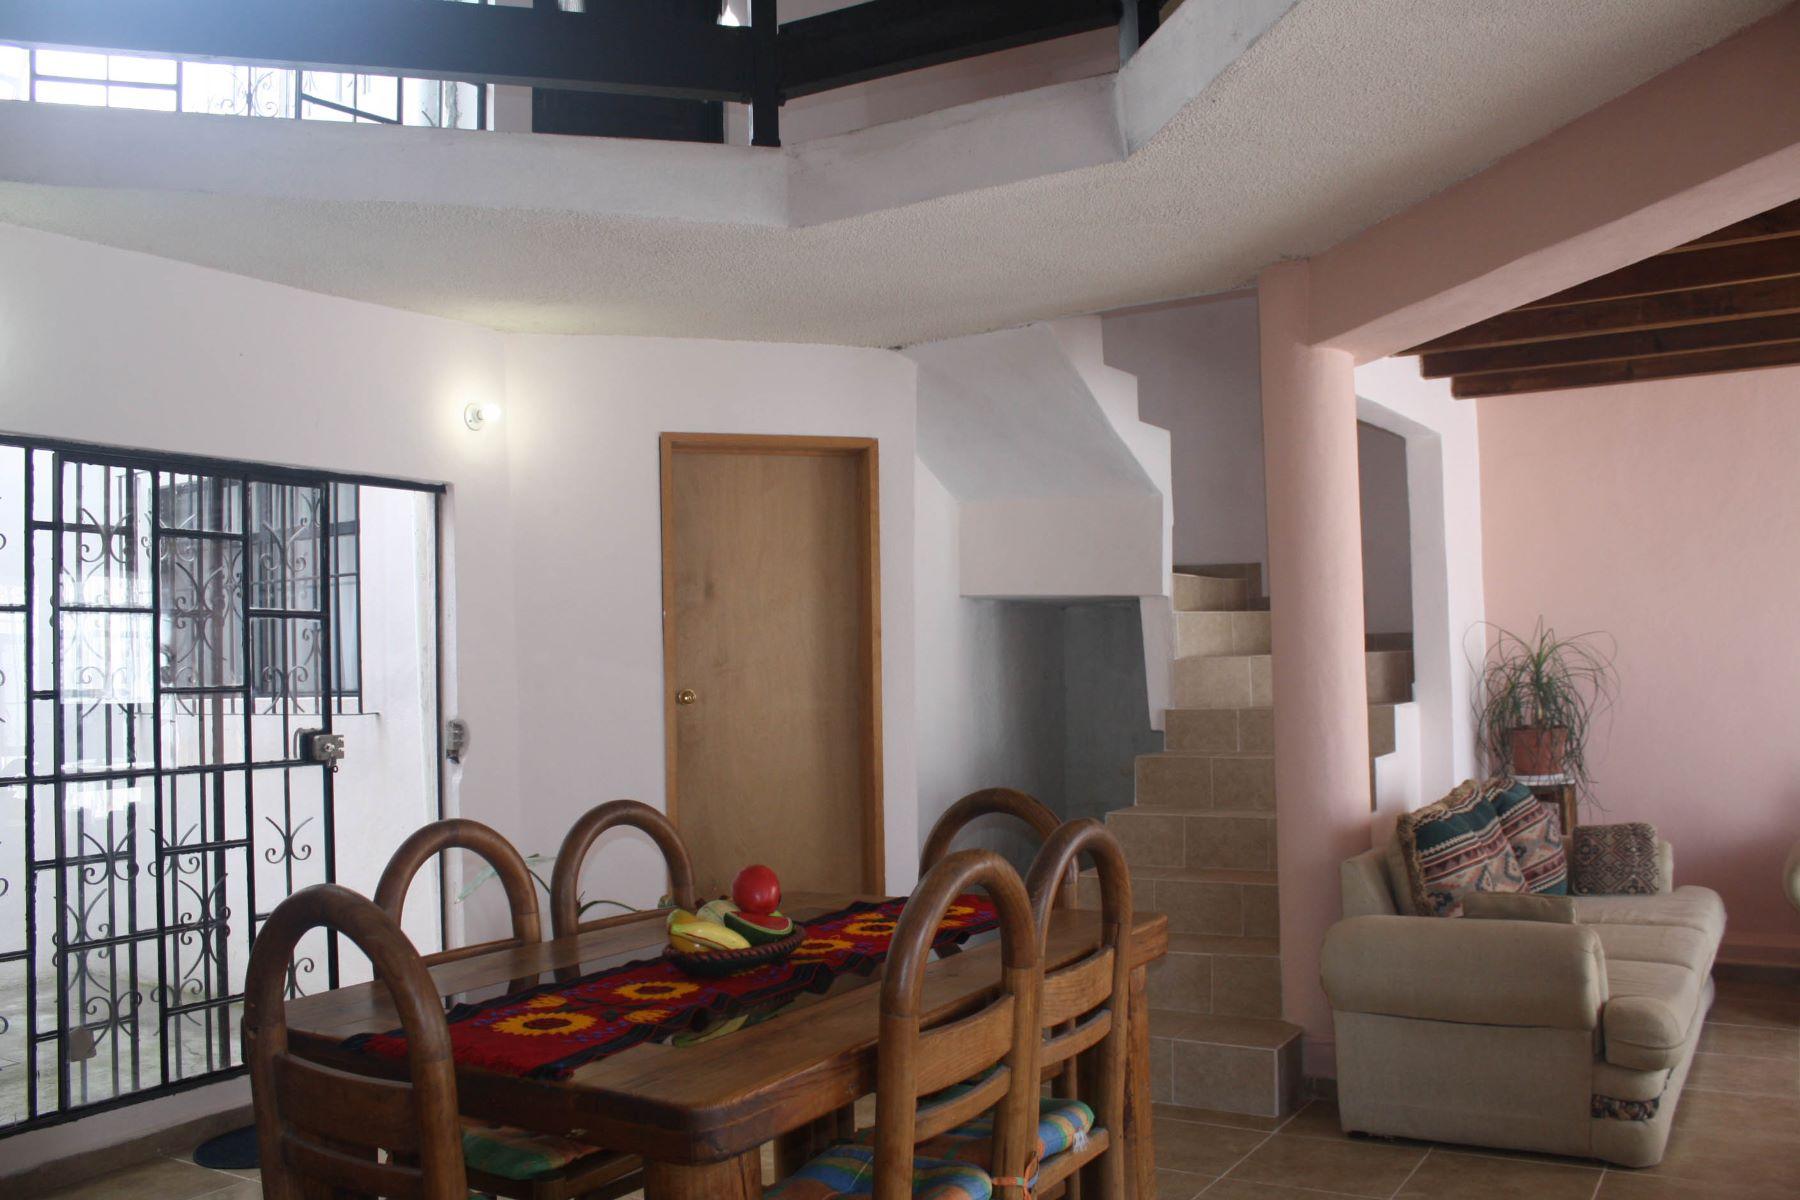 Single Family Home for Sale at Casa Mexicana Calderón San Miguel De Allende, Guanajuato 37712 Mexico